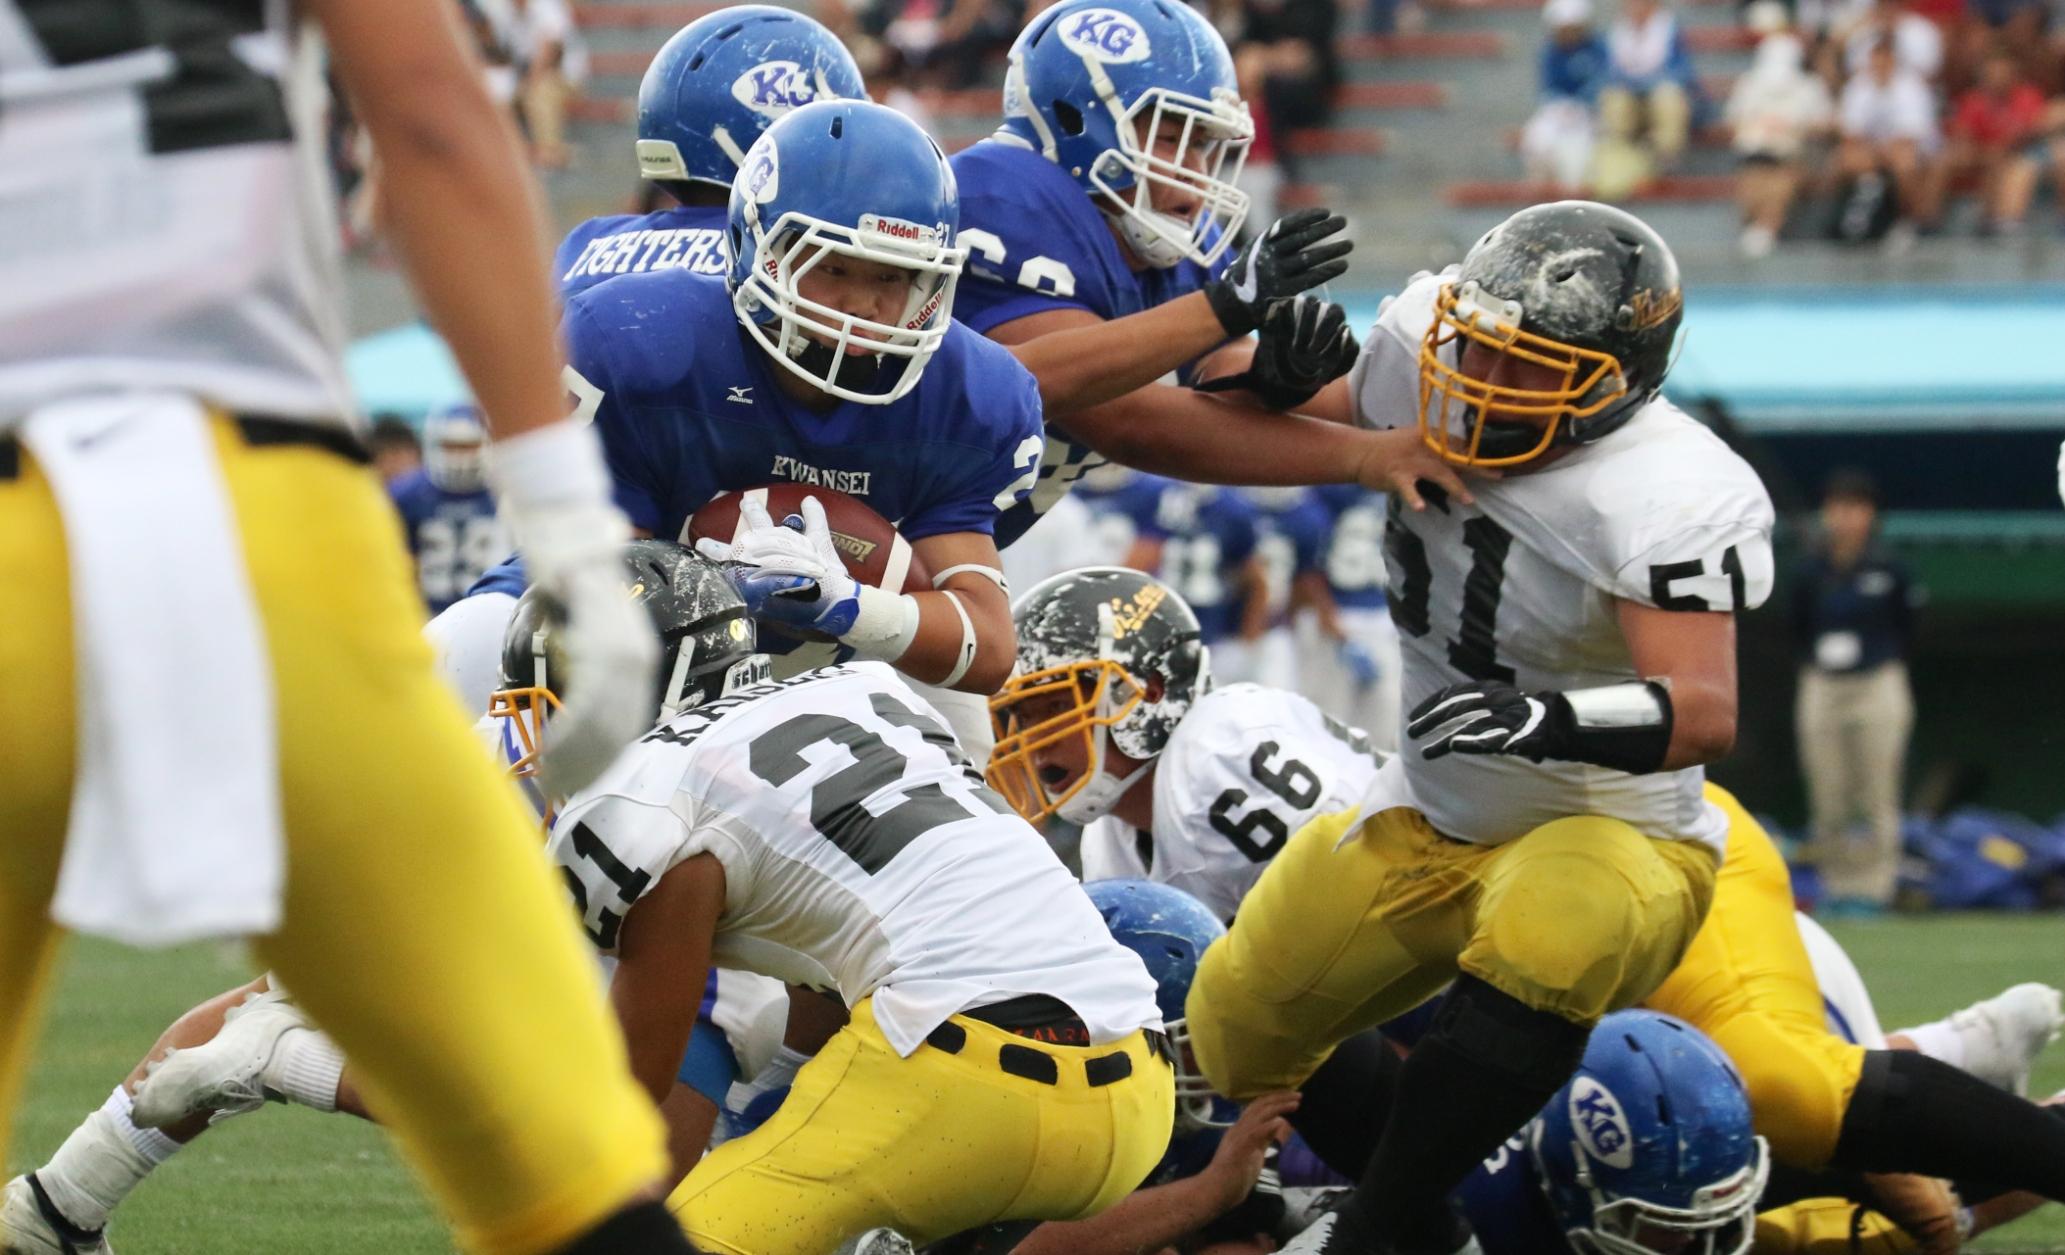 力強いラン攻撃を展開するブルーのジャージーの関西学院=撮影:山口雅弘